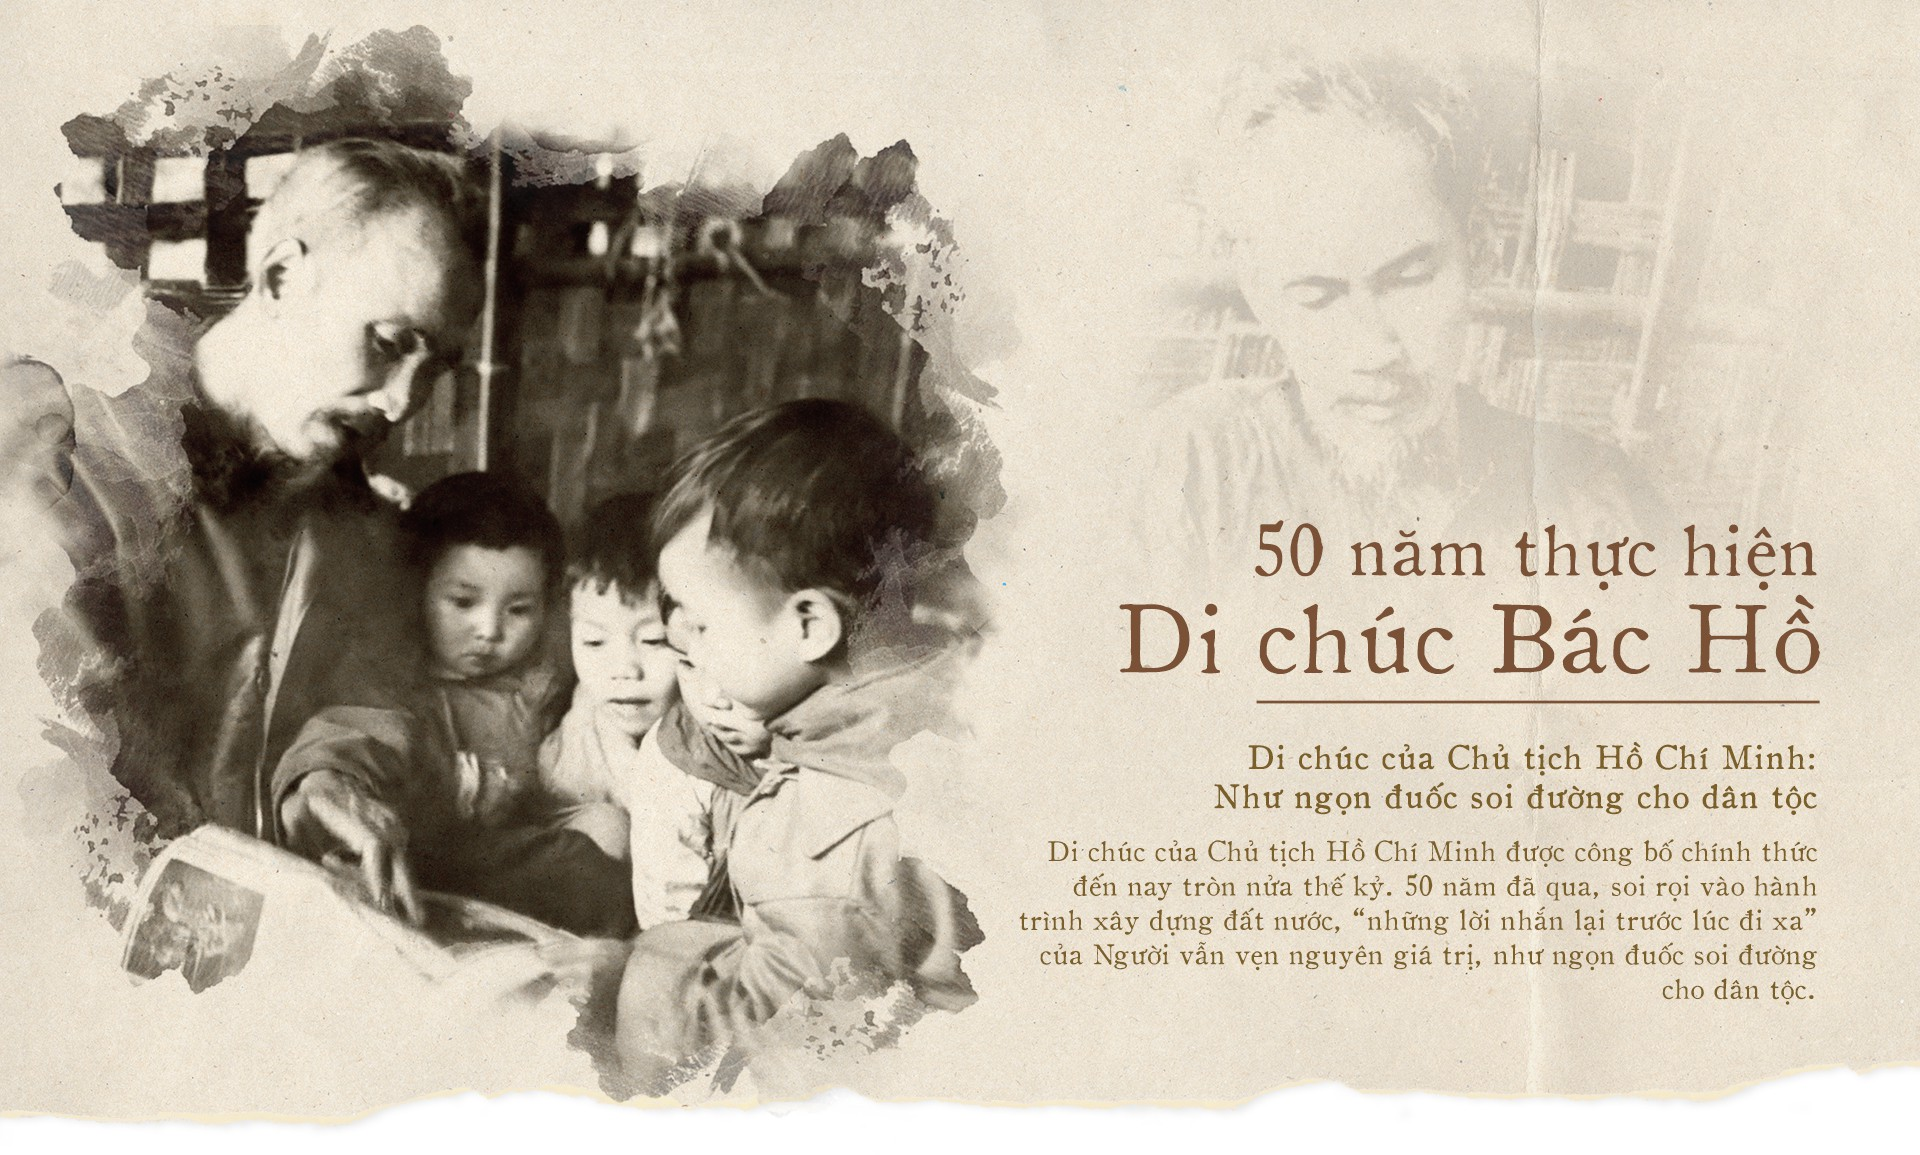 50 năm thực hiện Di chúc của Bác – Những giá trị mang tính tư tưởng thời đại